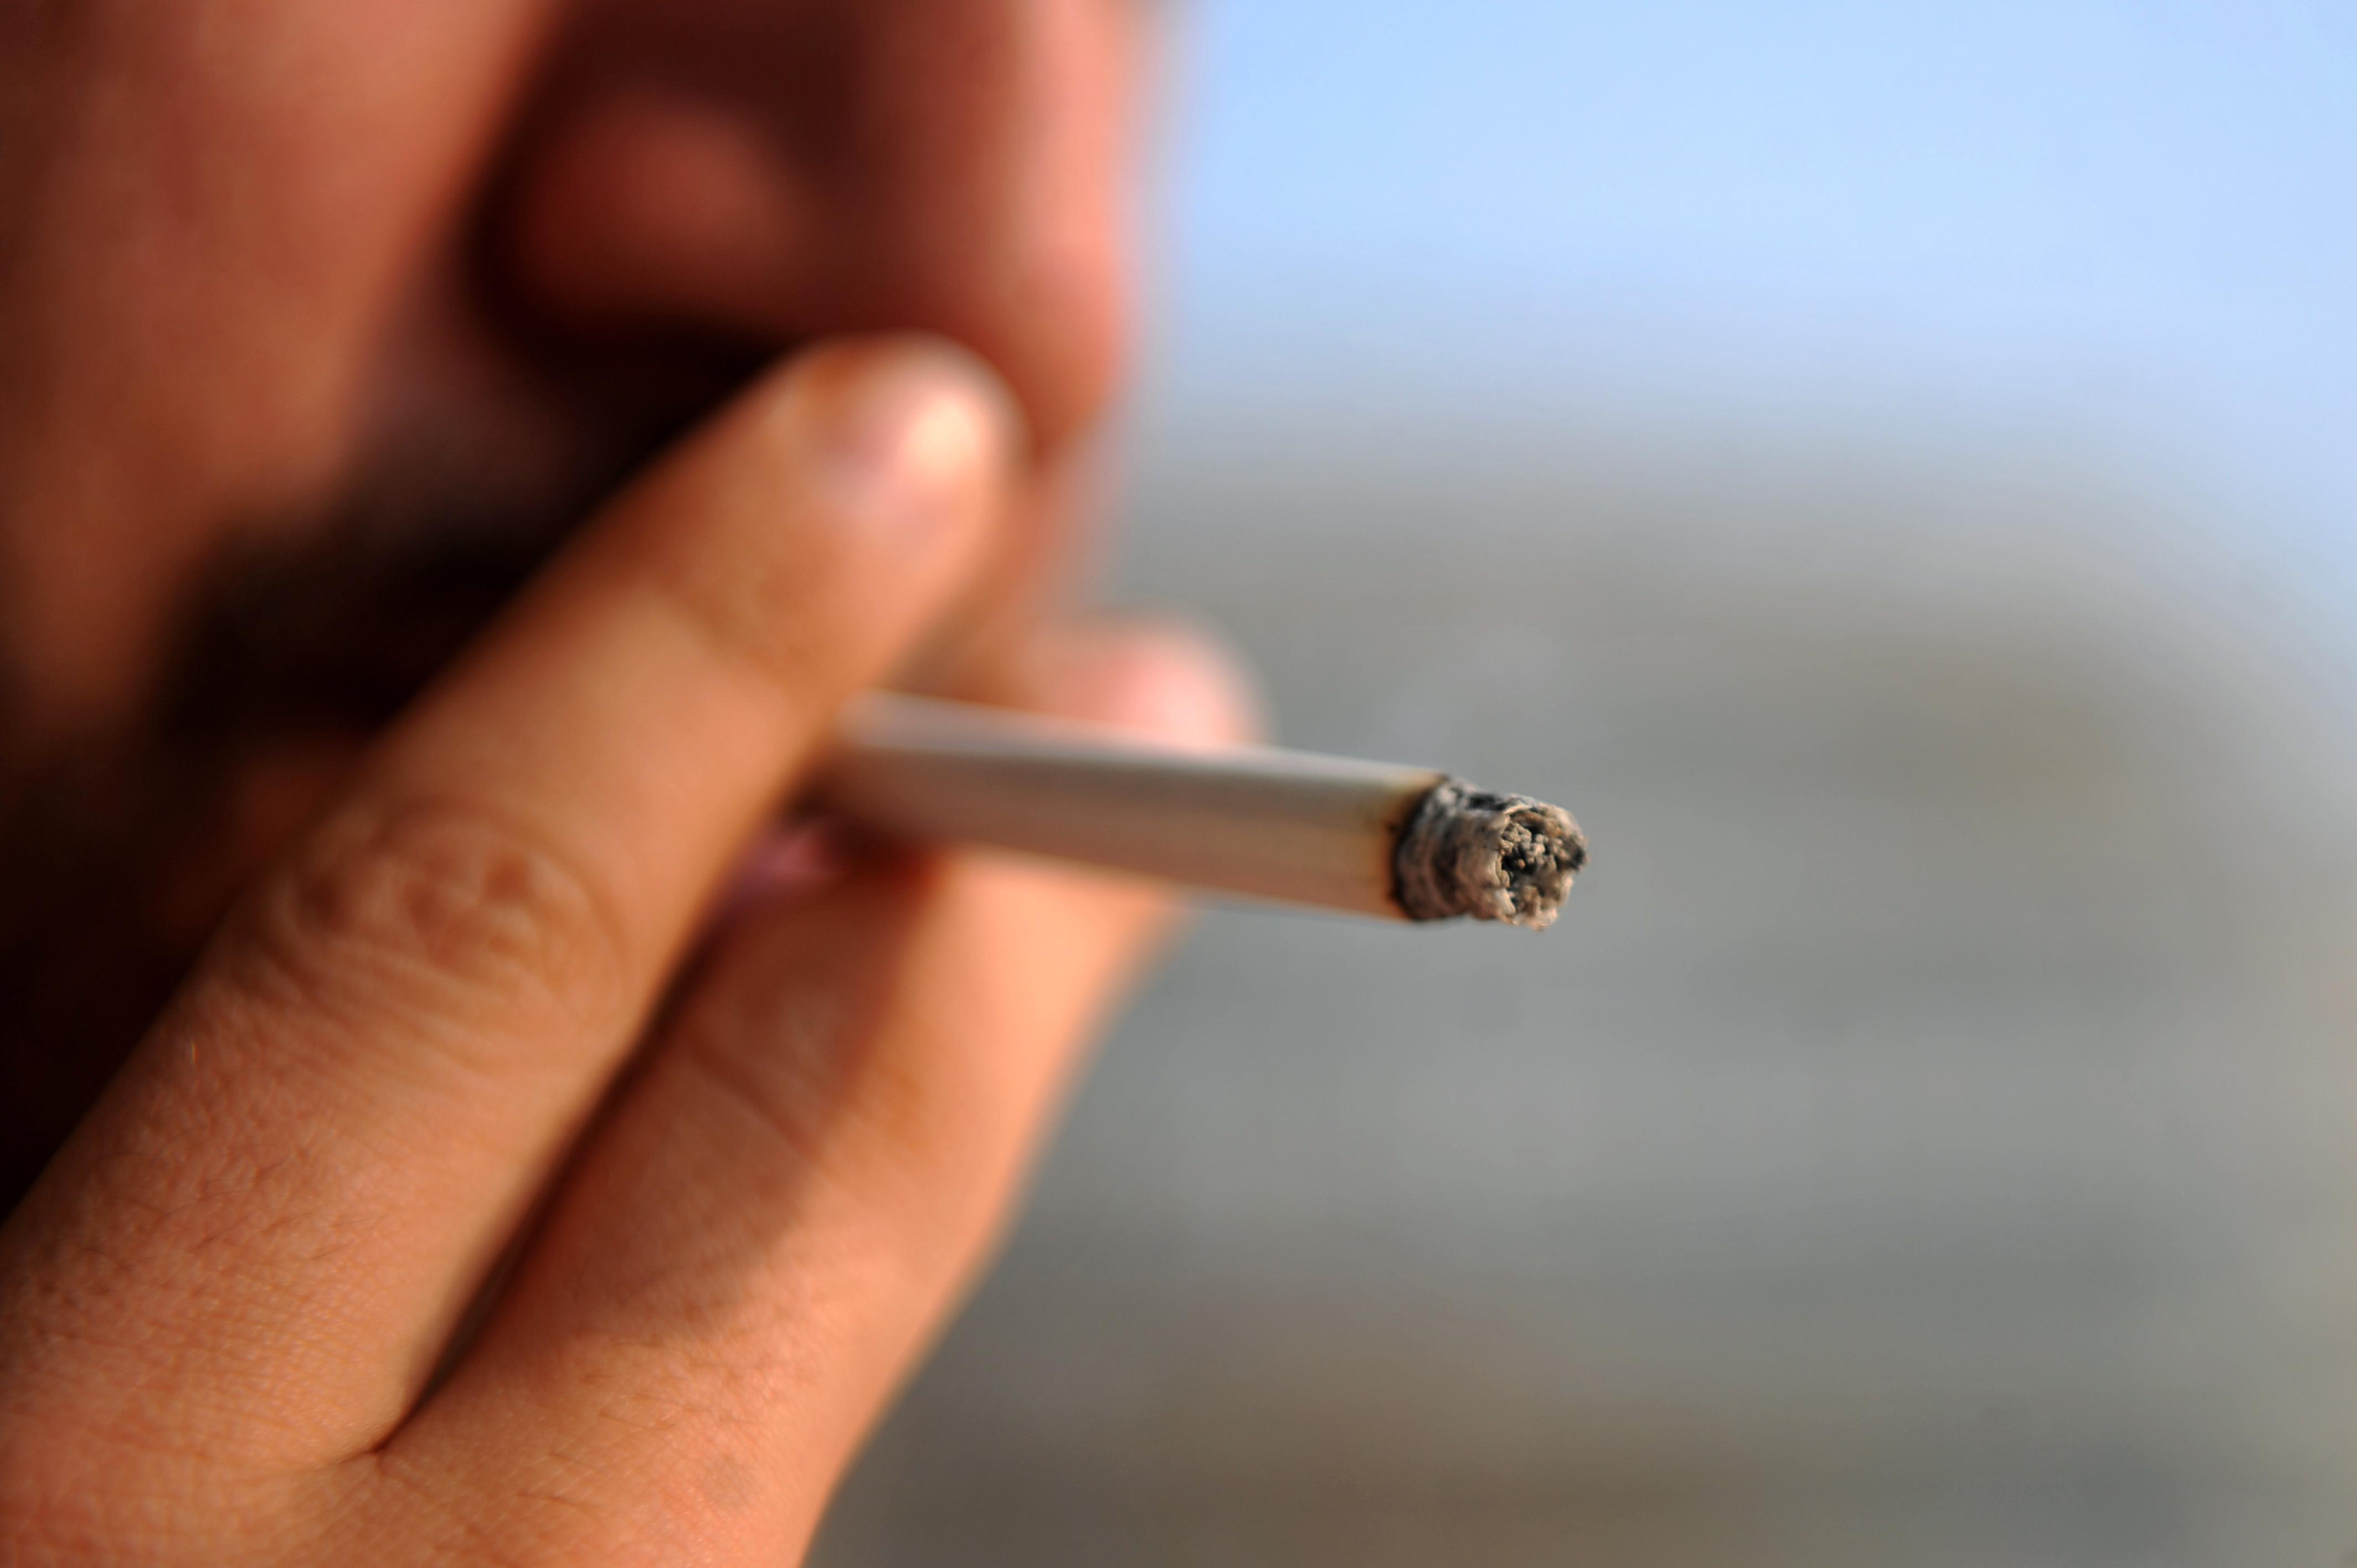 Ce s-a intamplat cu un tanar din Statele Unite, dupa ce a fumat